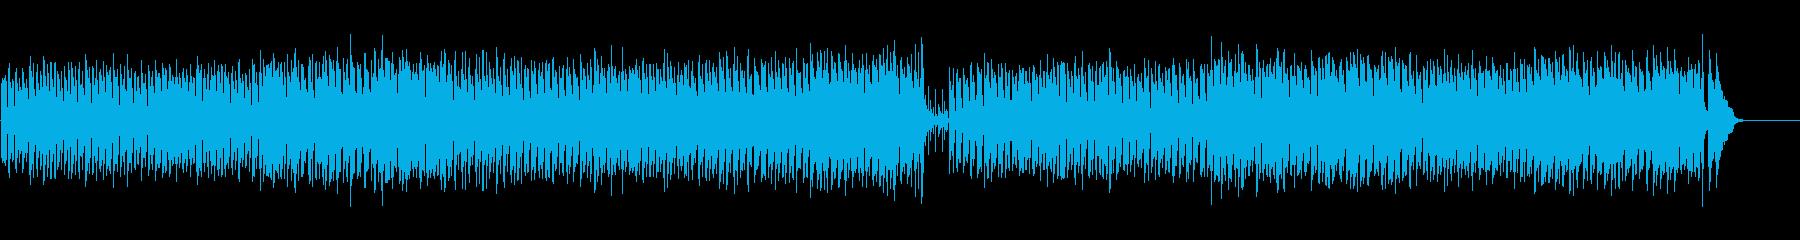 ネオ・ワールド・ミュージック(ロシア風)の再生済みの波形